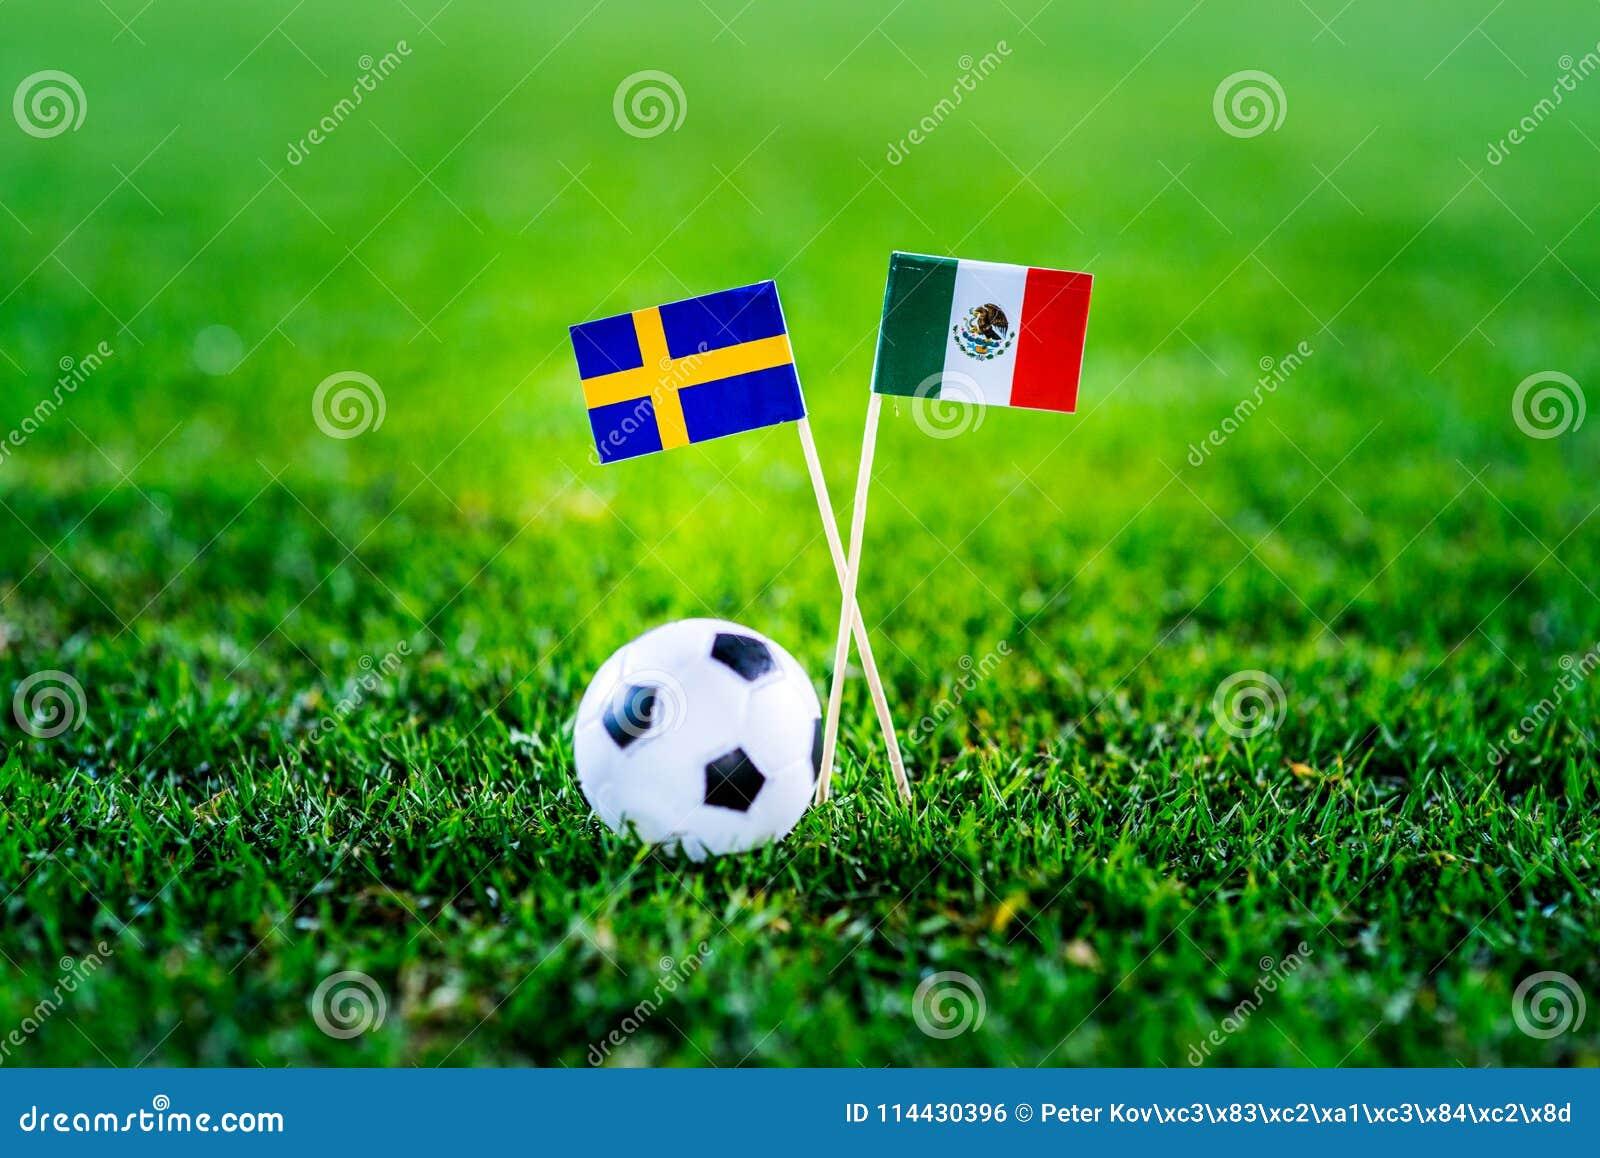 México - Suecia, grupo F, miércoles, 27 Junio, fútbol, mundial, Rusia 2018, banderas nacionales en la hierba verde, bal blanco de